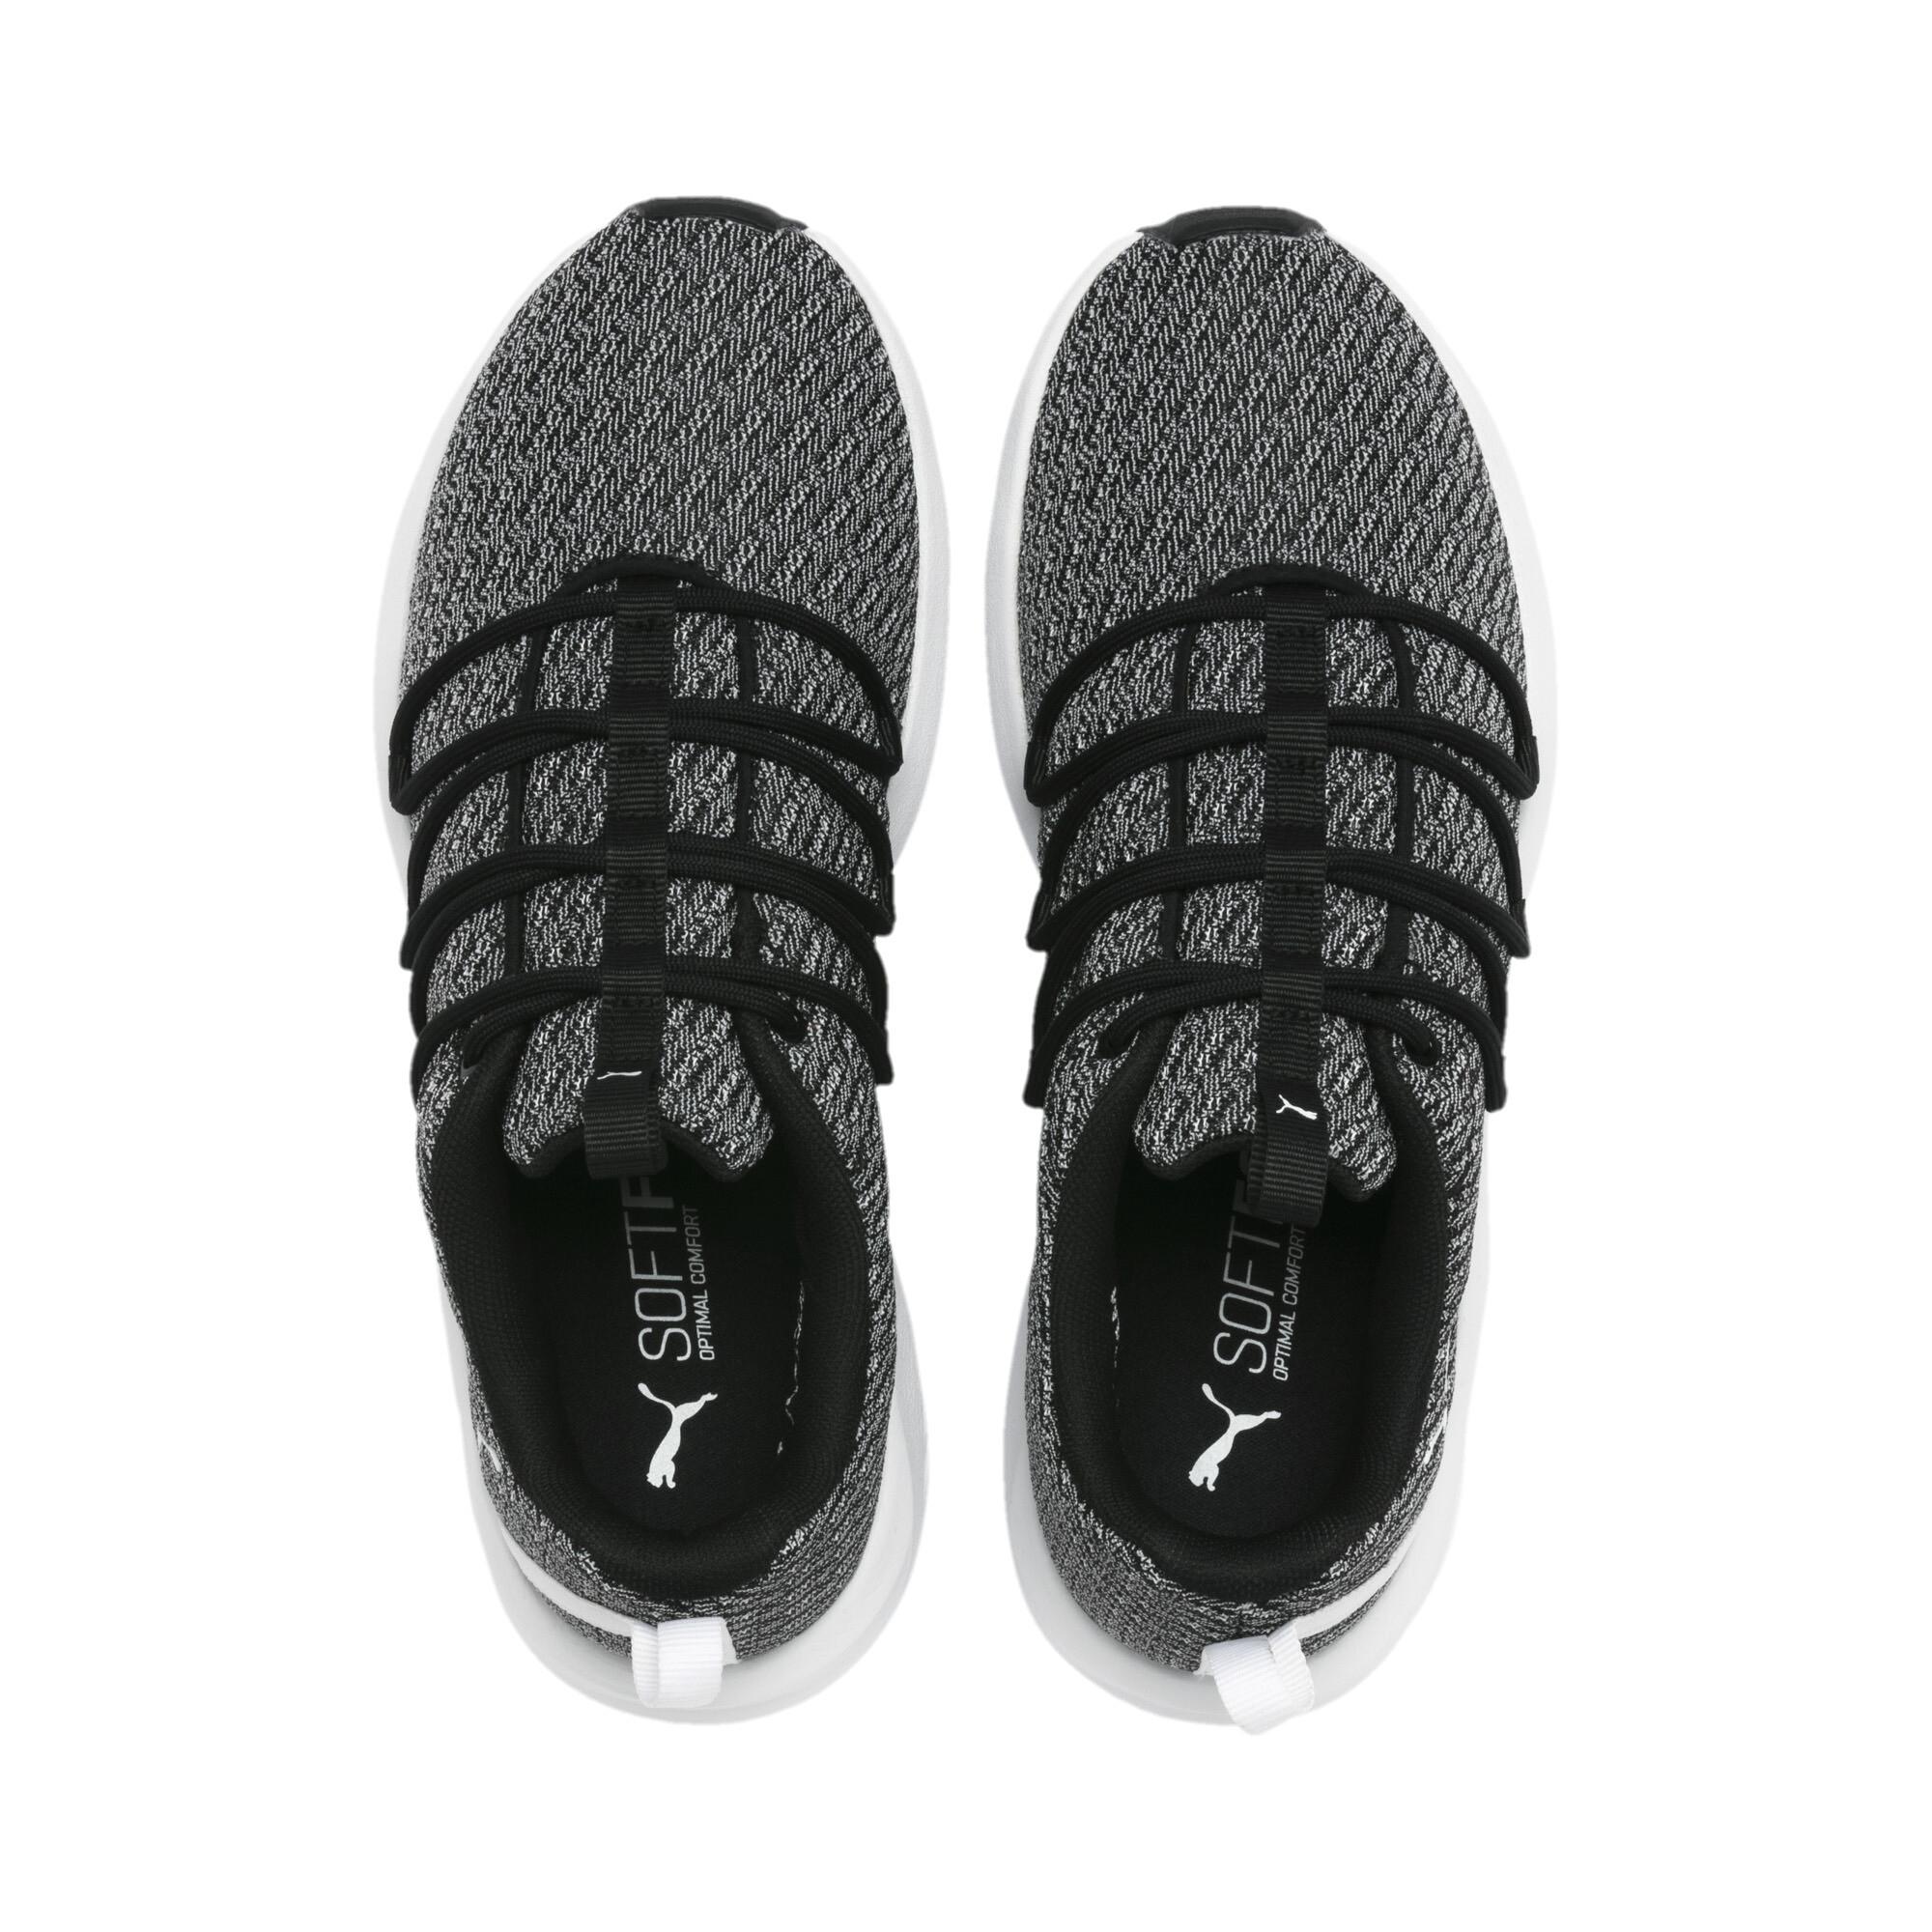 PUMA-Prowl-Alt-Neon-Women-s-Training-Shoes-Women-Shoe-Training thumbnail 15